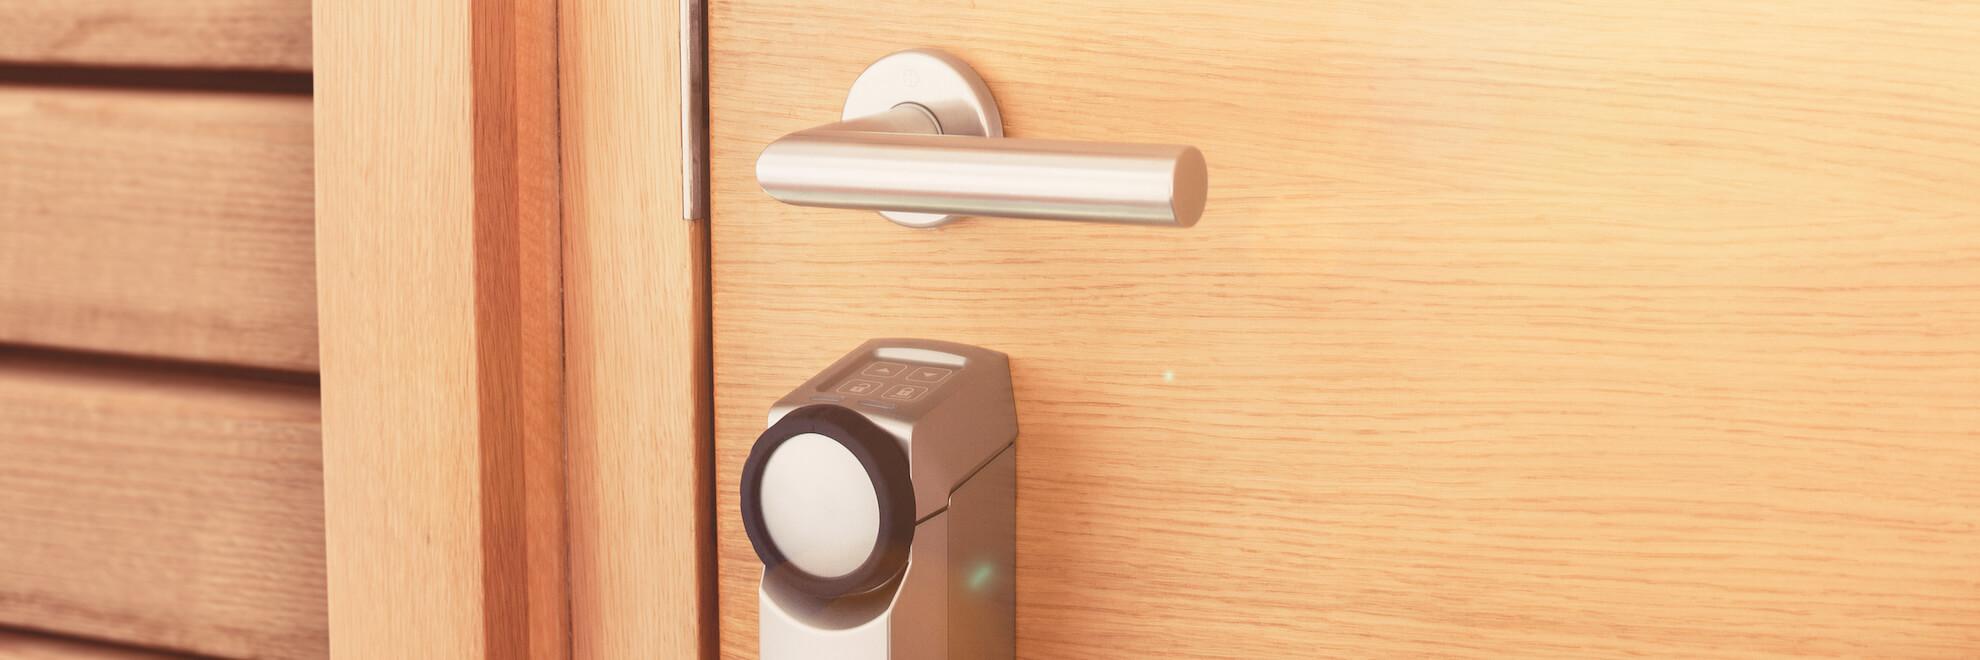 einbruchschutz-berlin-elektronische-Tuersicherung-falke-sicherheitstechnik-berlin